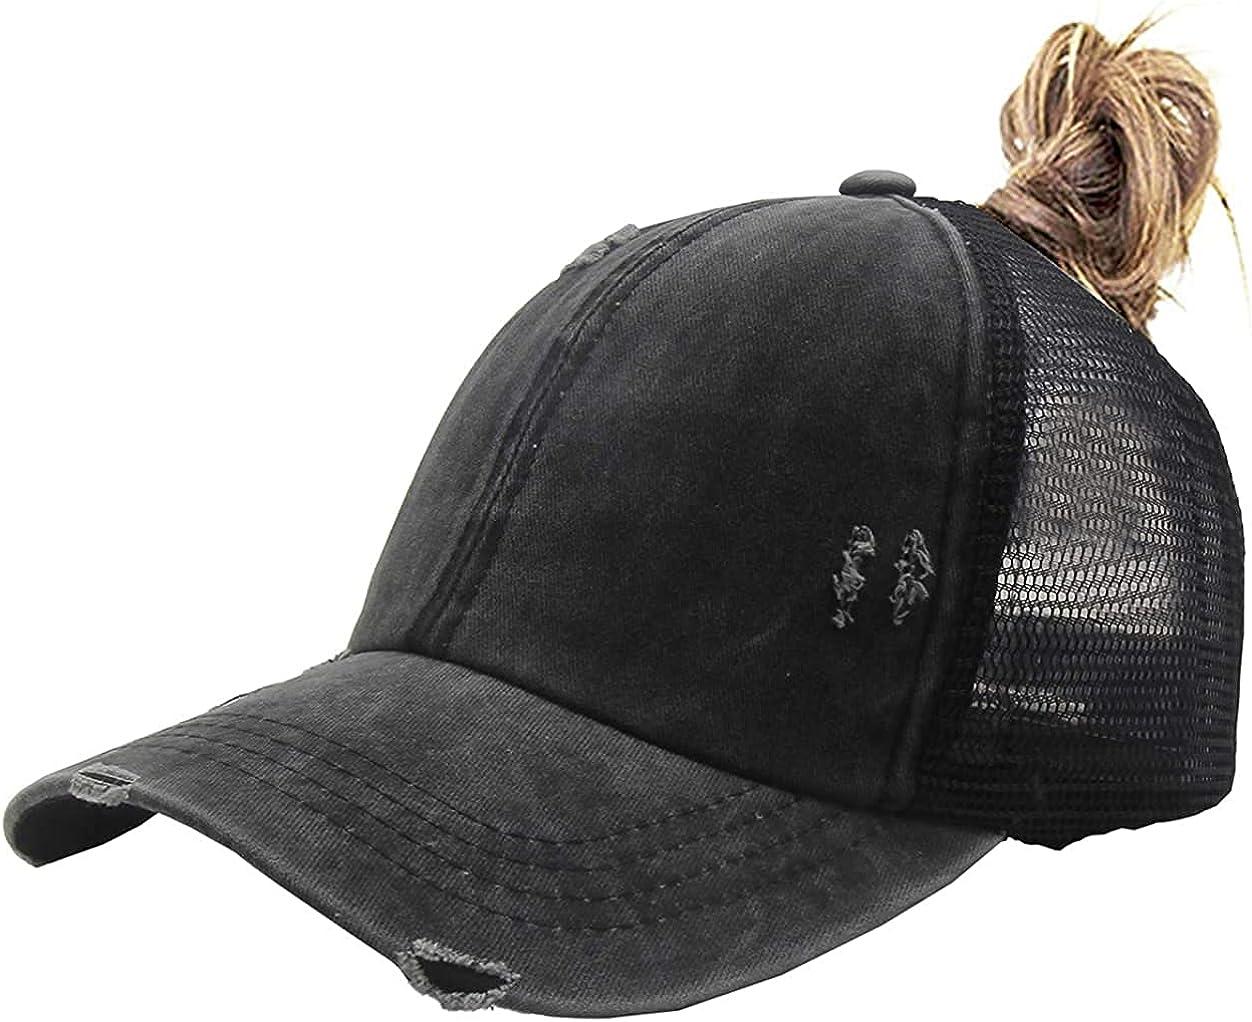 Ponytail Hat for Womens, Adjustable Vintage Trucker Washed Denim Dad Baseball Cap